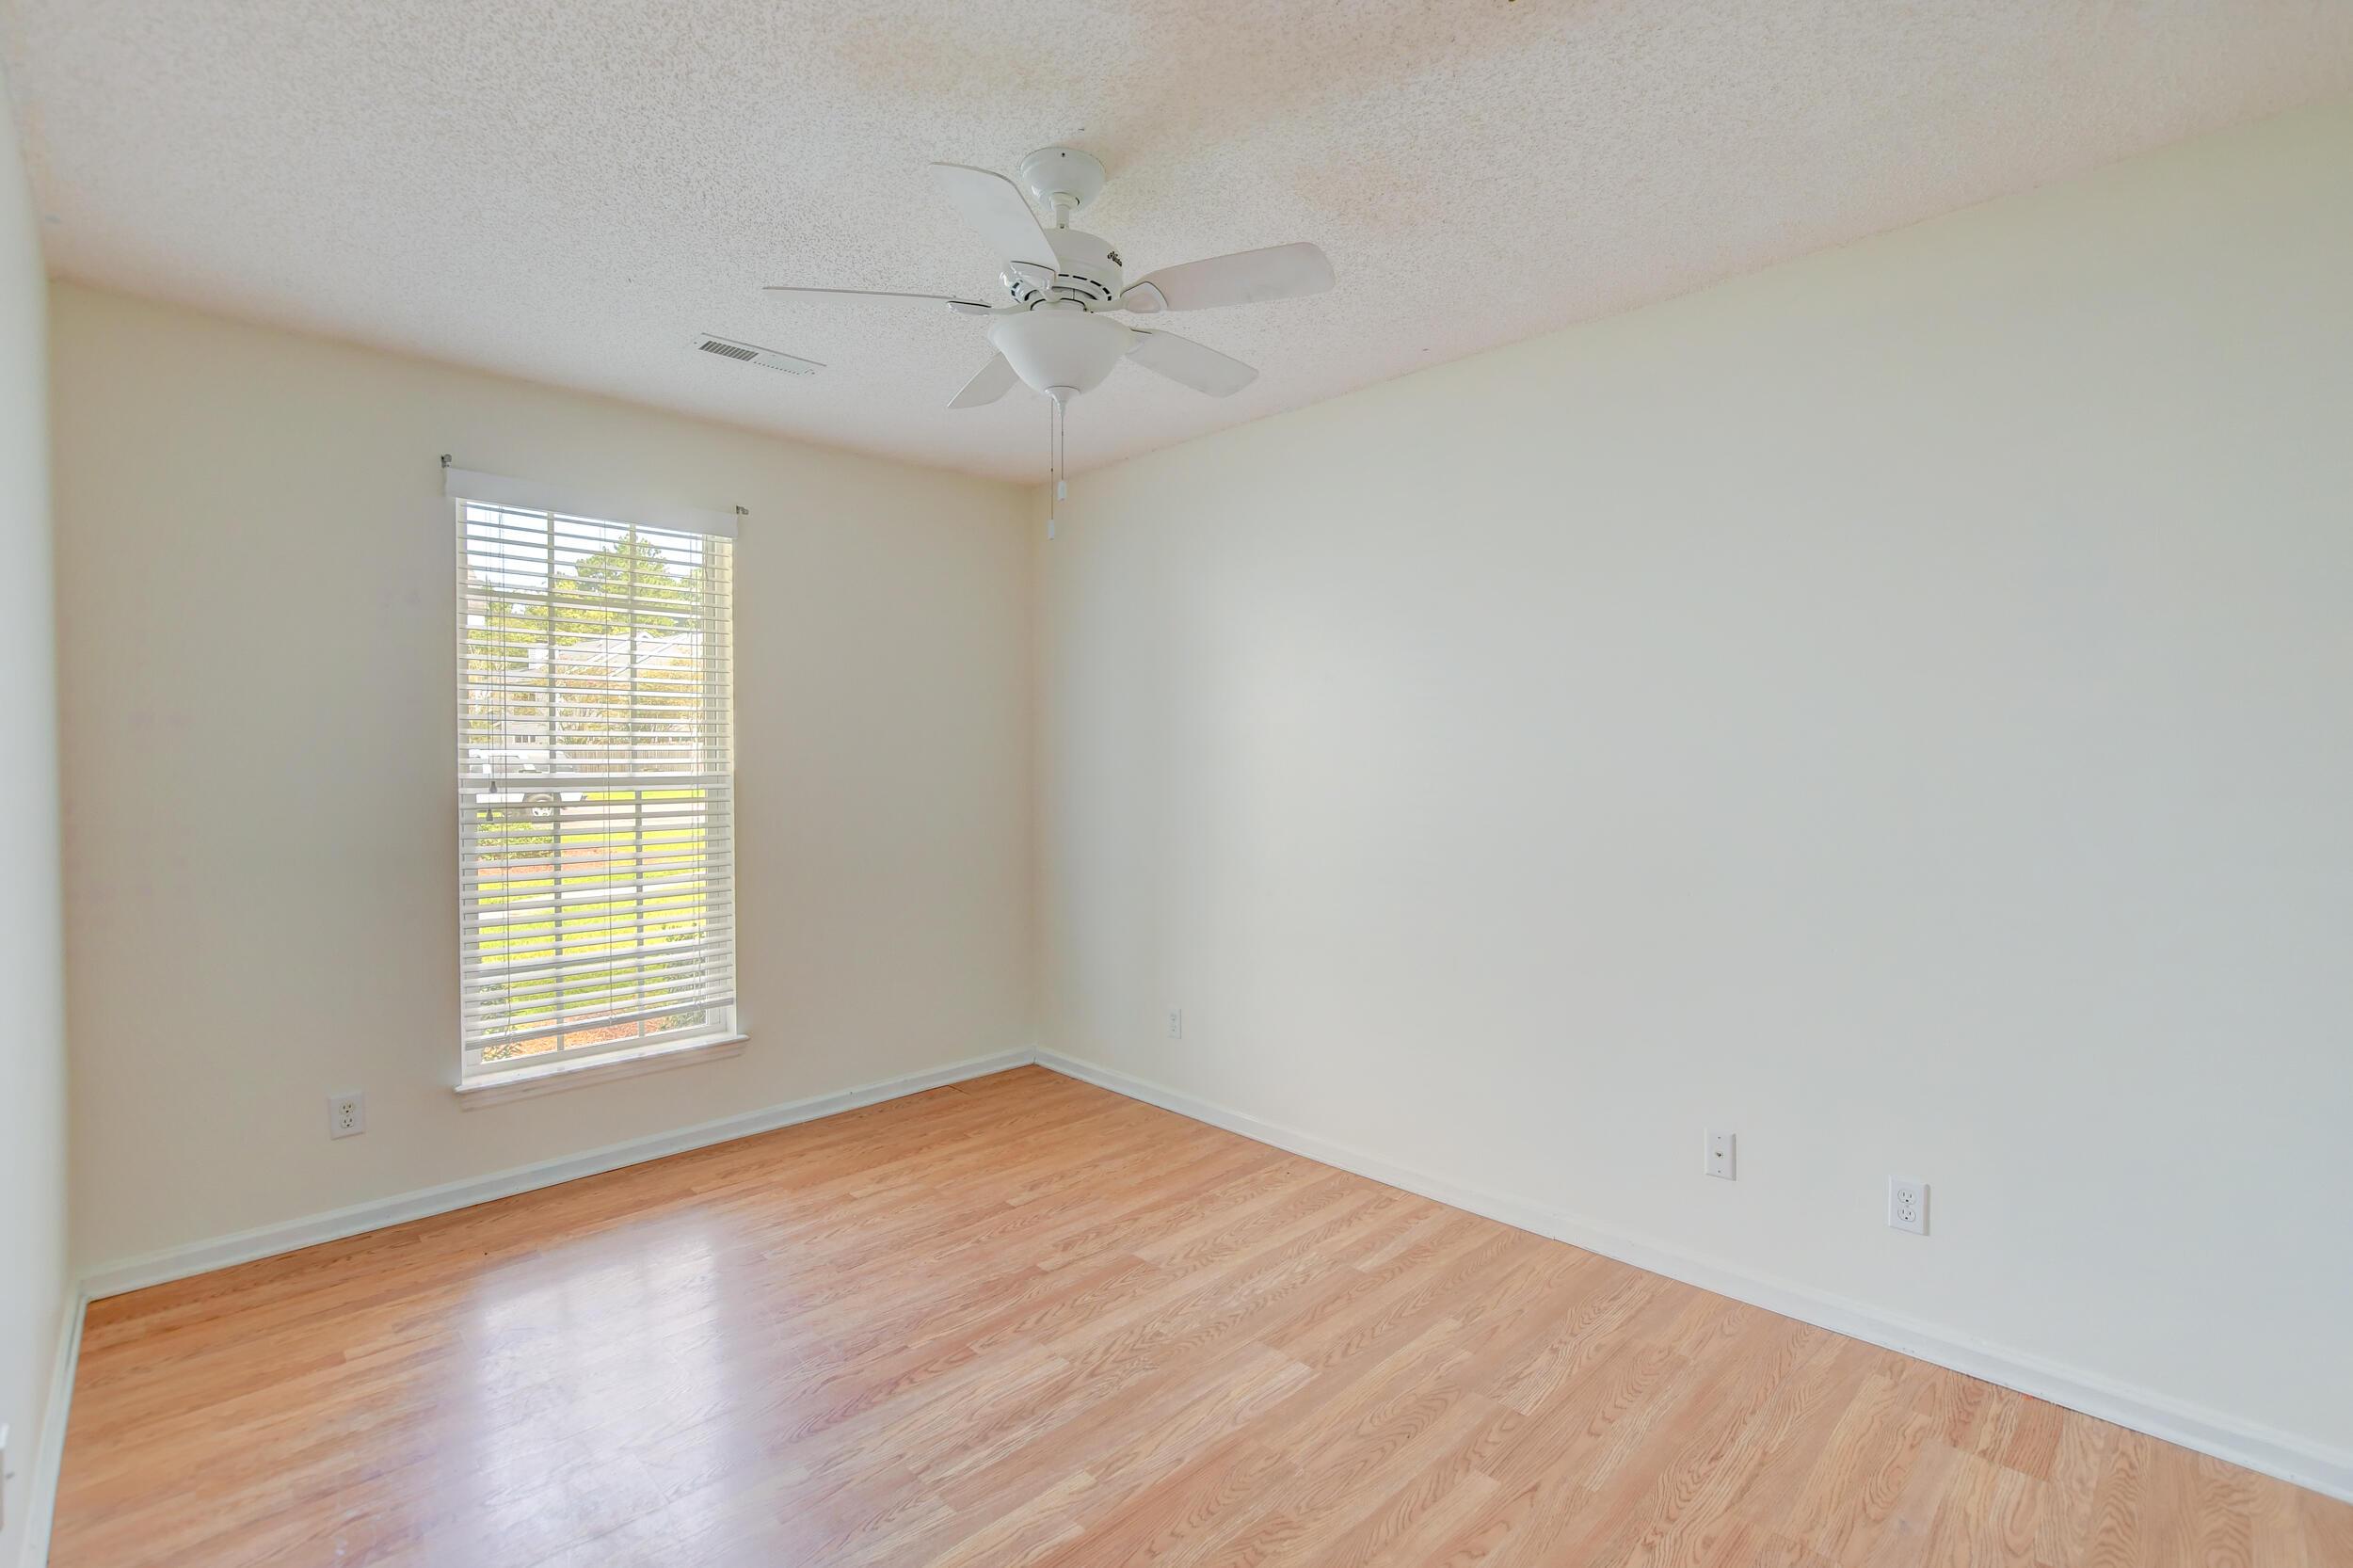 Crowfield Plantation Homes For Sale - 1010 Longview, Goose Creek, SC - 11